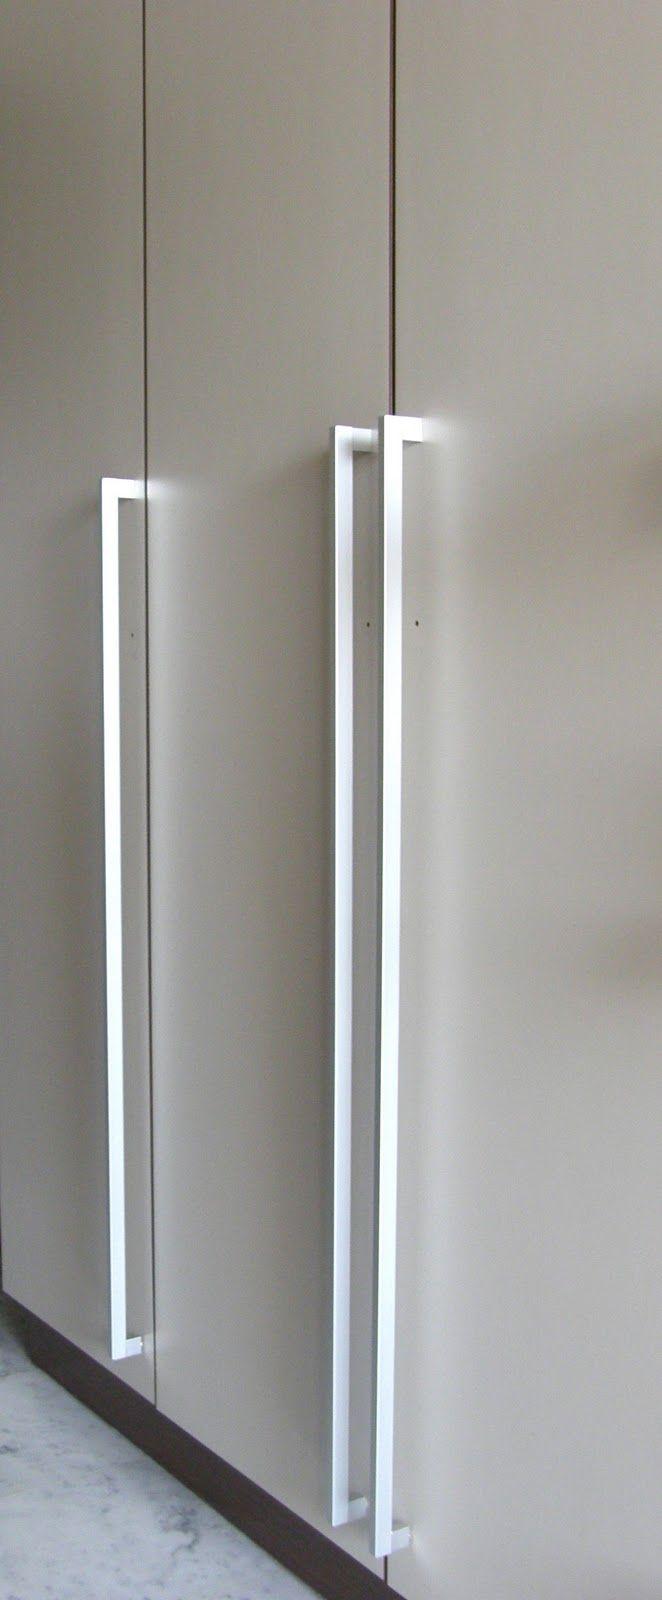 Designer Kitchen Door Handles 25 Best Ideas About Wardrobe Handles On Pinterest Wardrobe Door